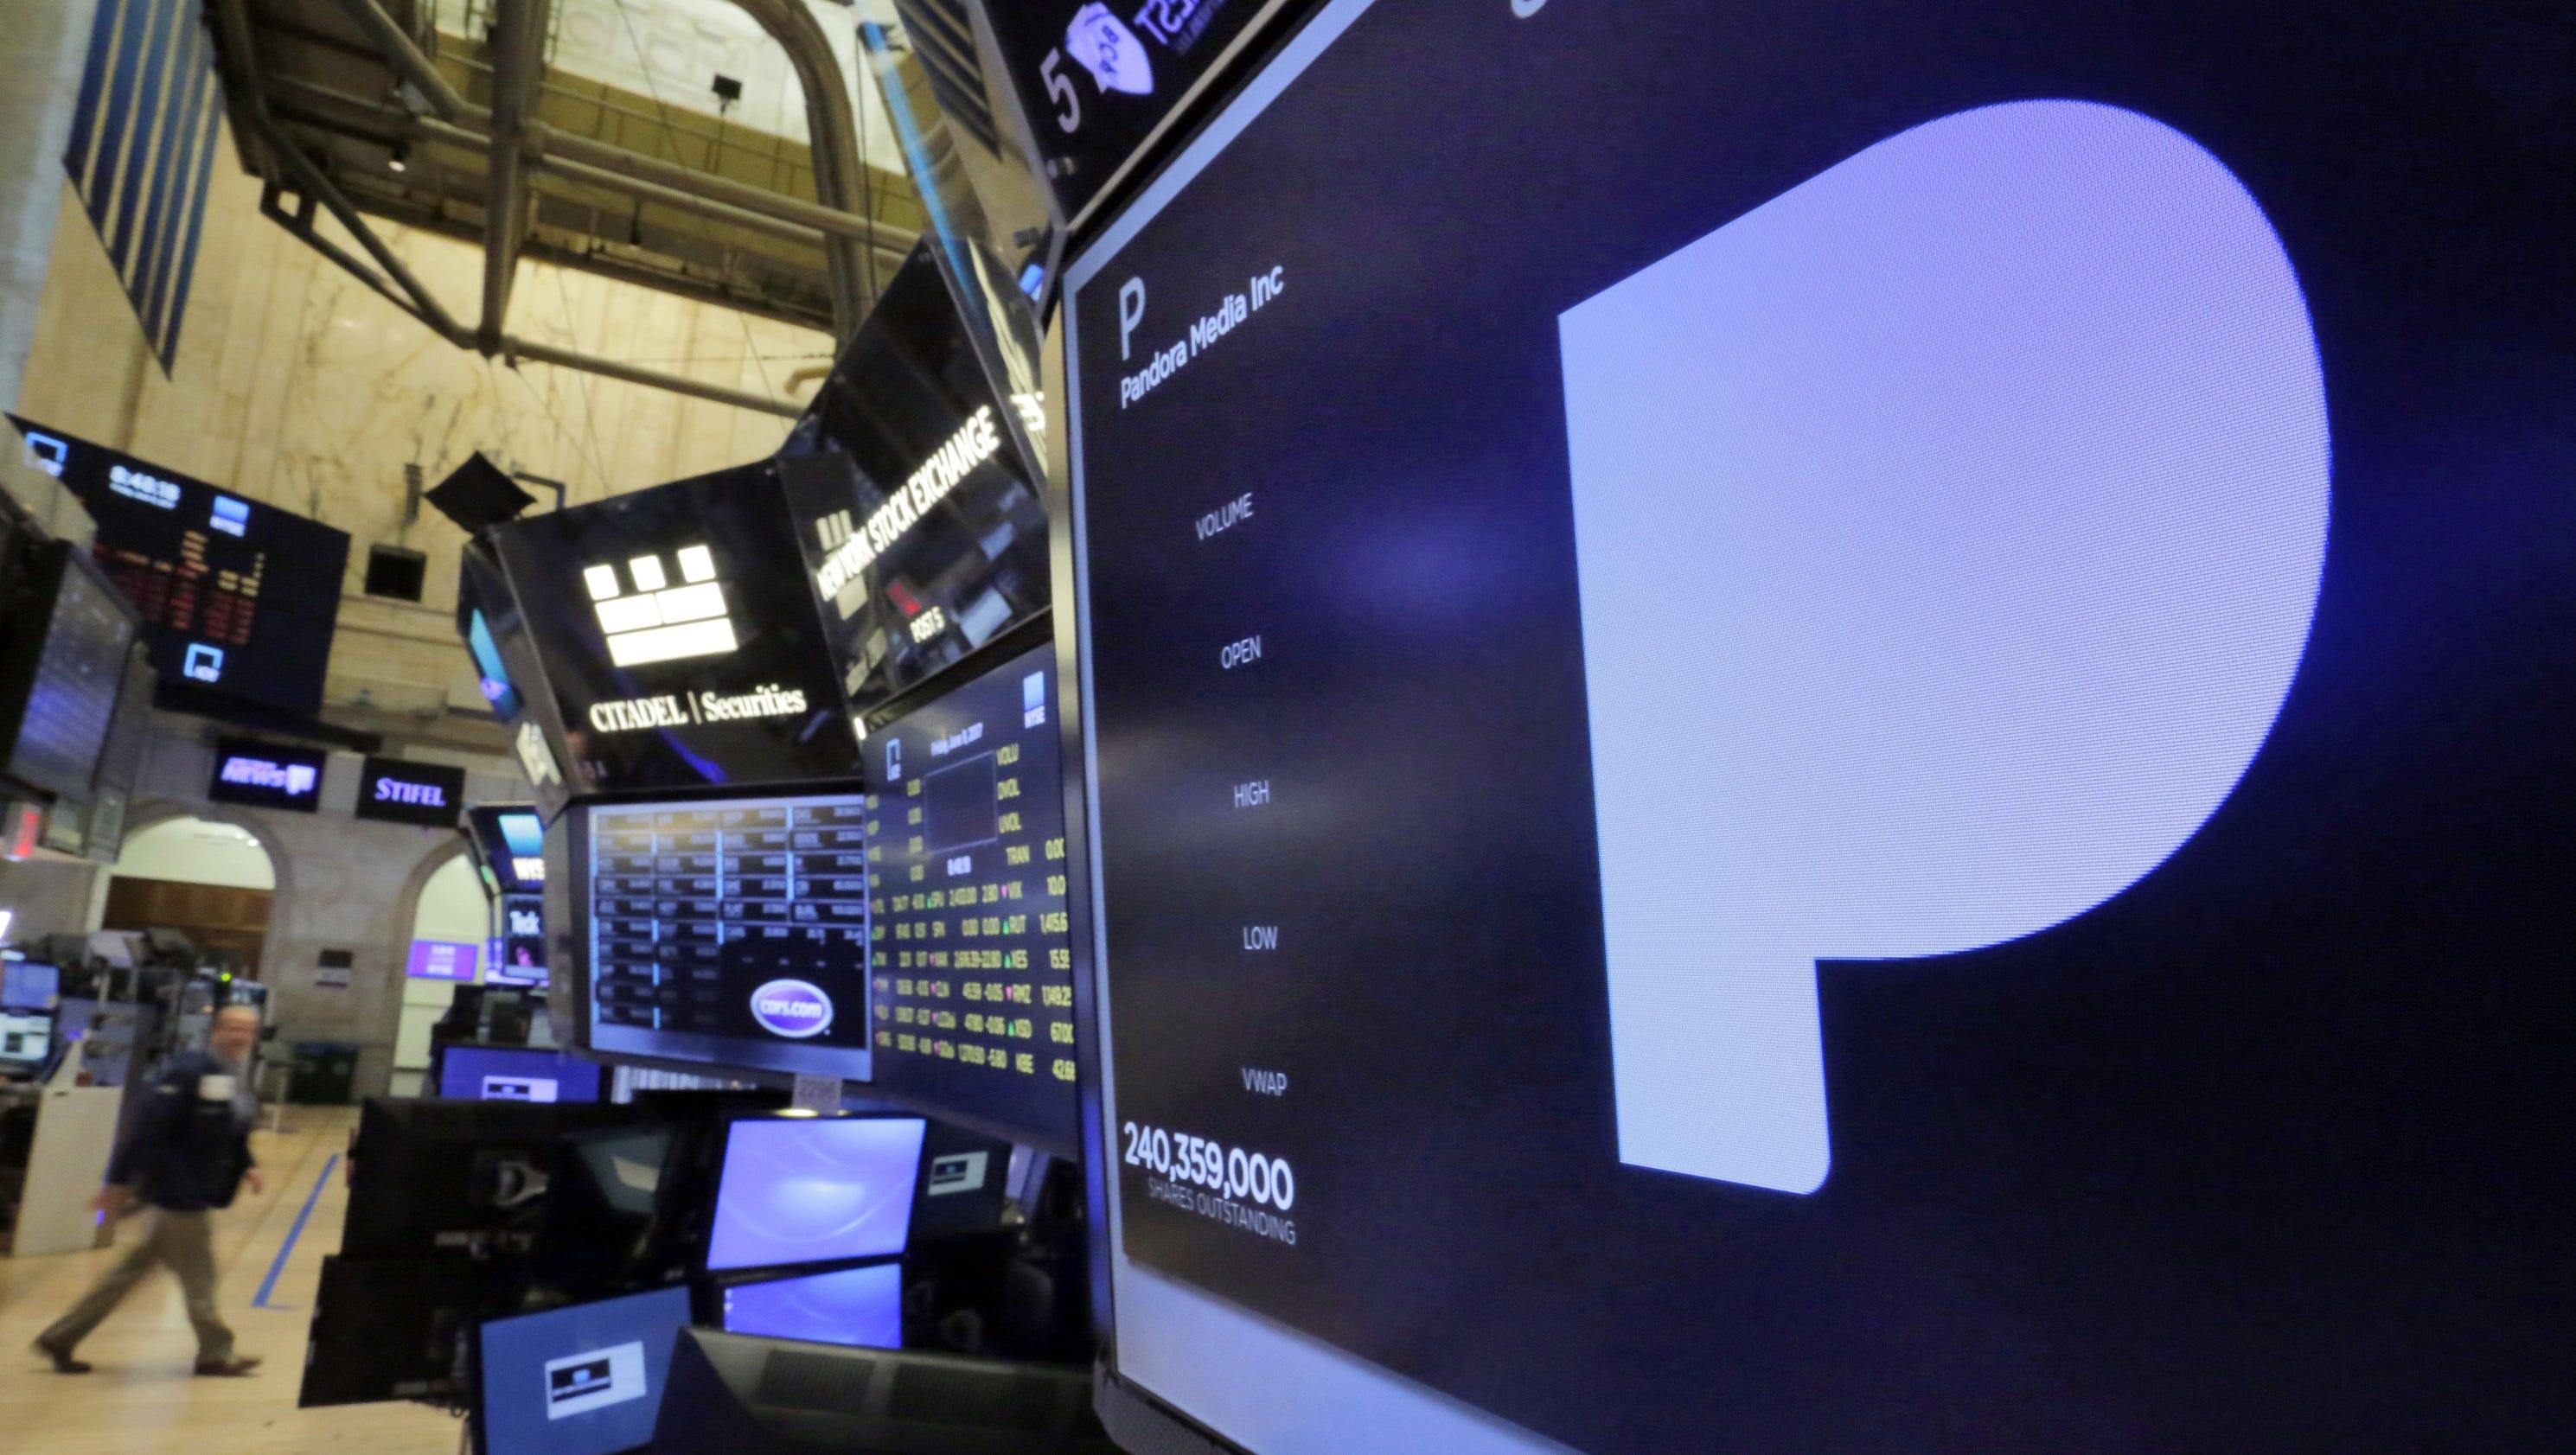 Sirius xm buys stake in music streaming site pandora biocorpaavc